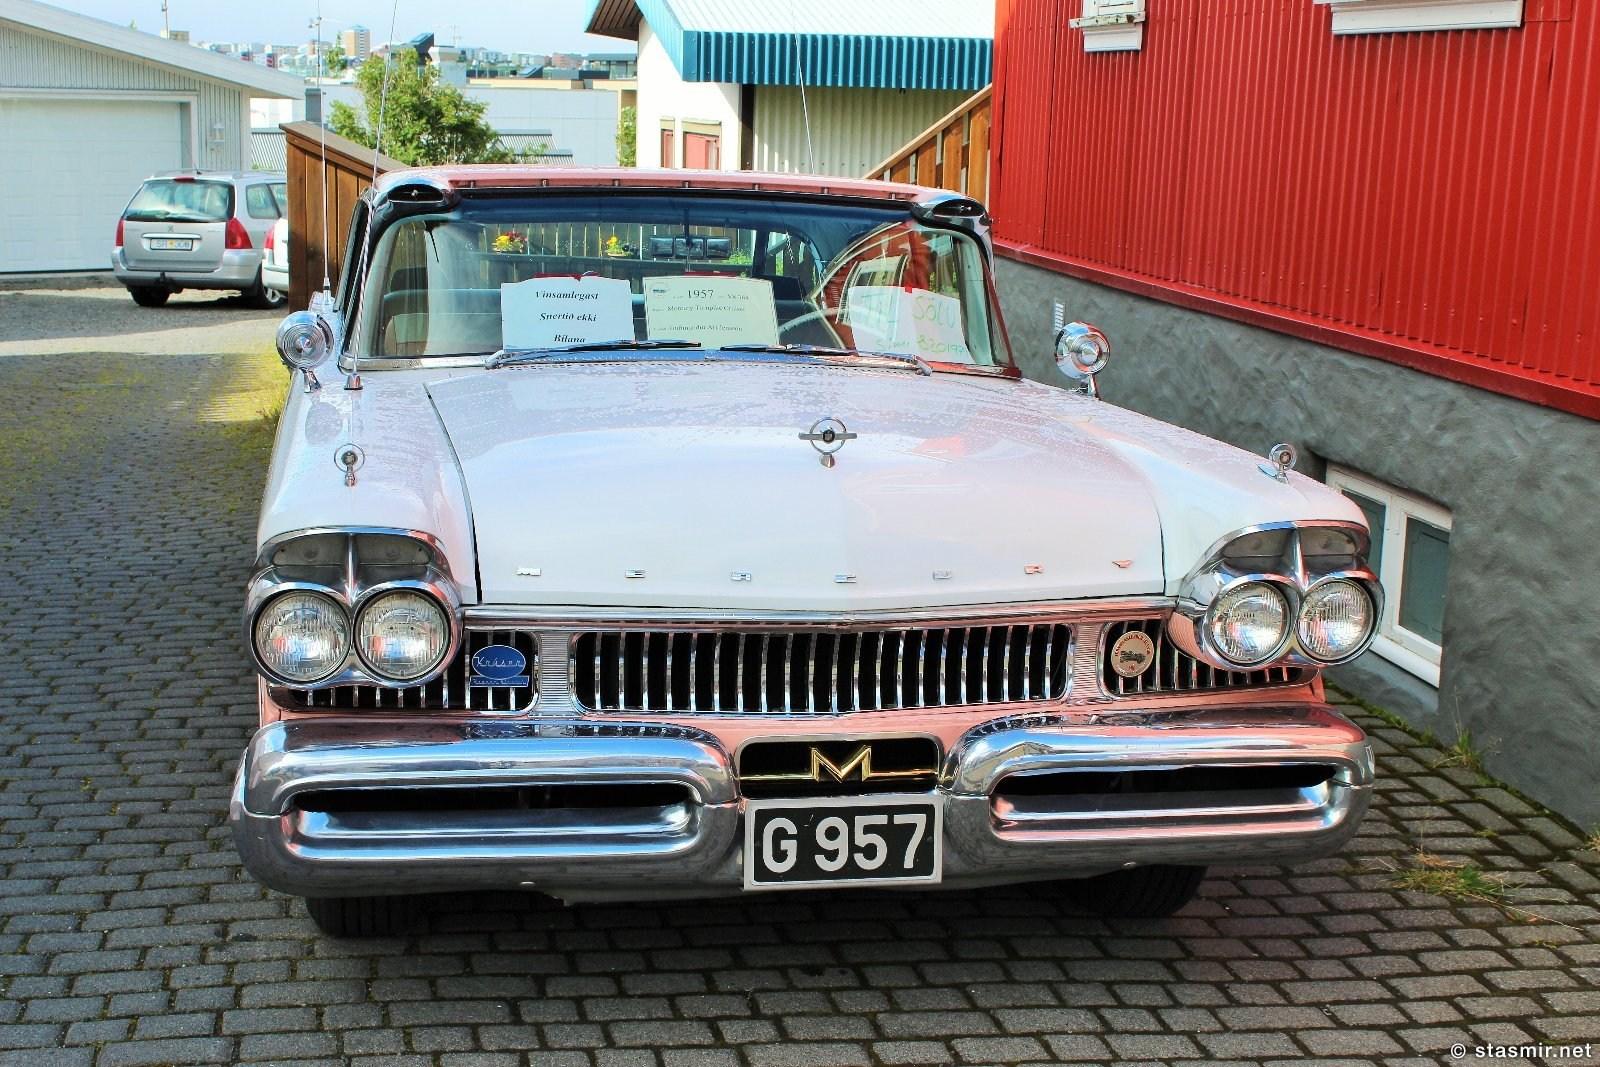 Меркурий, антикварные машины в Исландии, Mercury 1957, Vintage cars in Iceland, Stasmir, Stasmir Travel,  Станислав Смирнов, Стасмир, Стасмир ТрэвэлÞ Хабнарфьордюр, Iceland